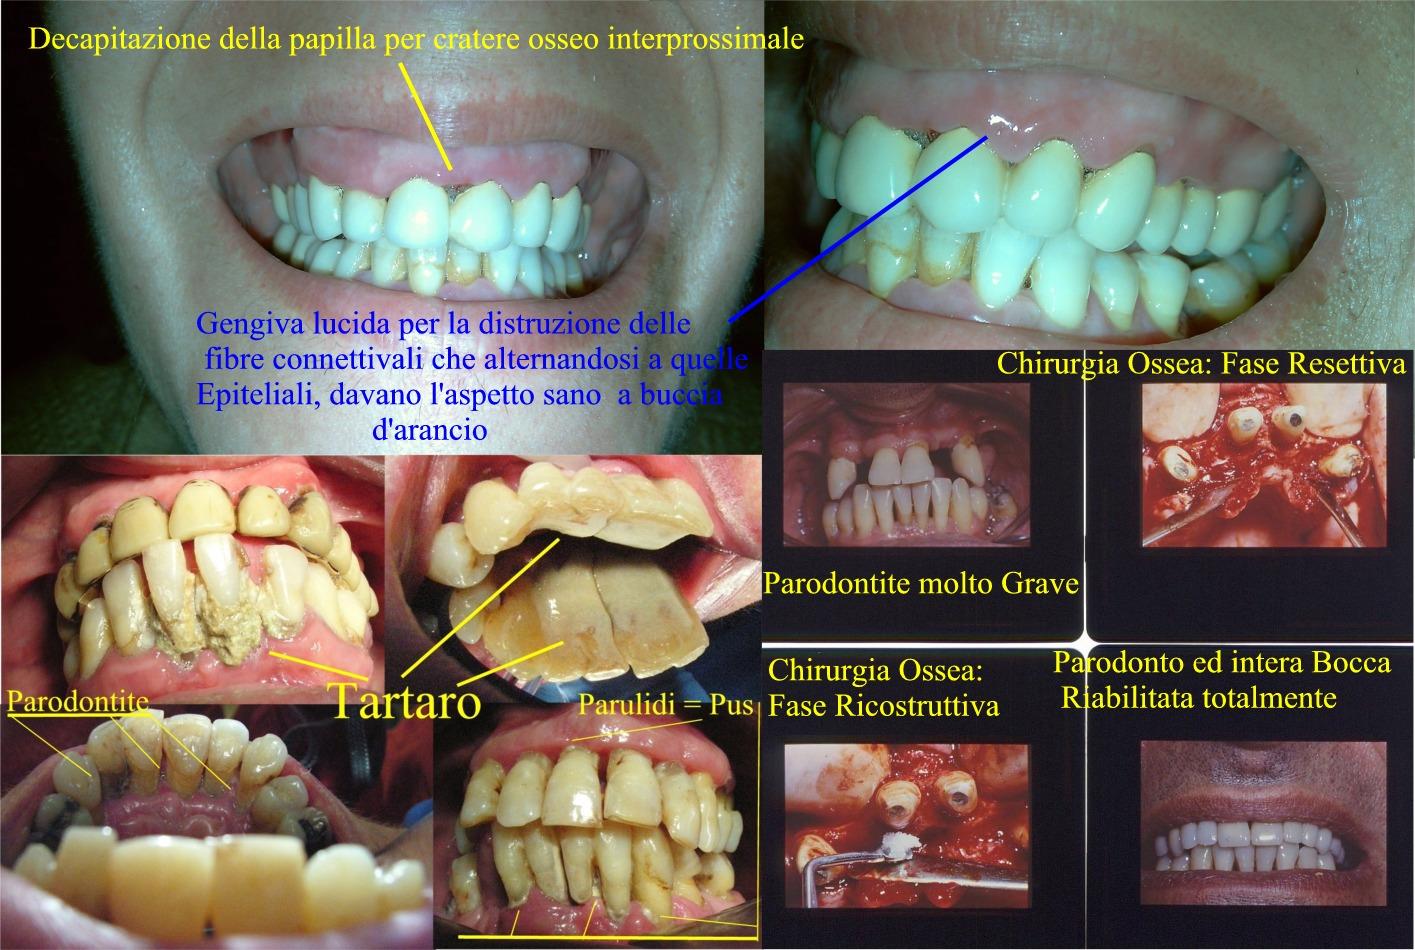 Parodontiti da casistica del Dr. Gustavo Petti Parodontologo di Cagliari